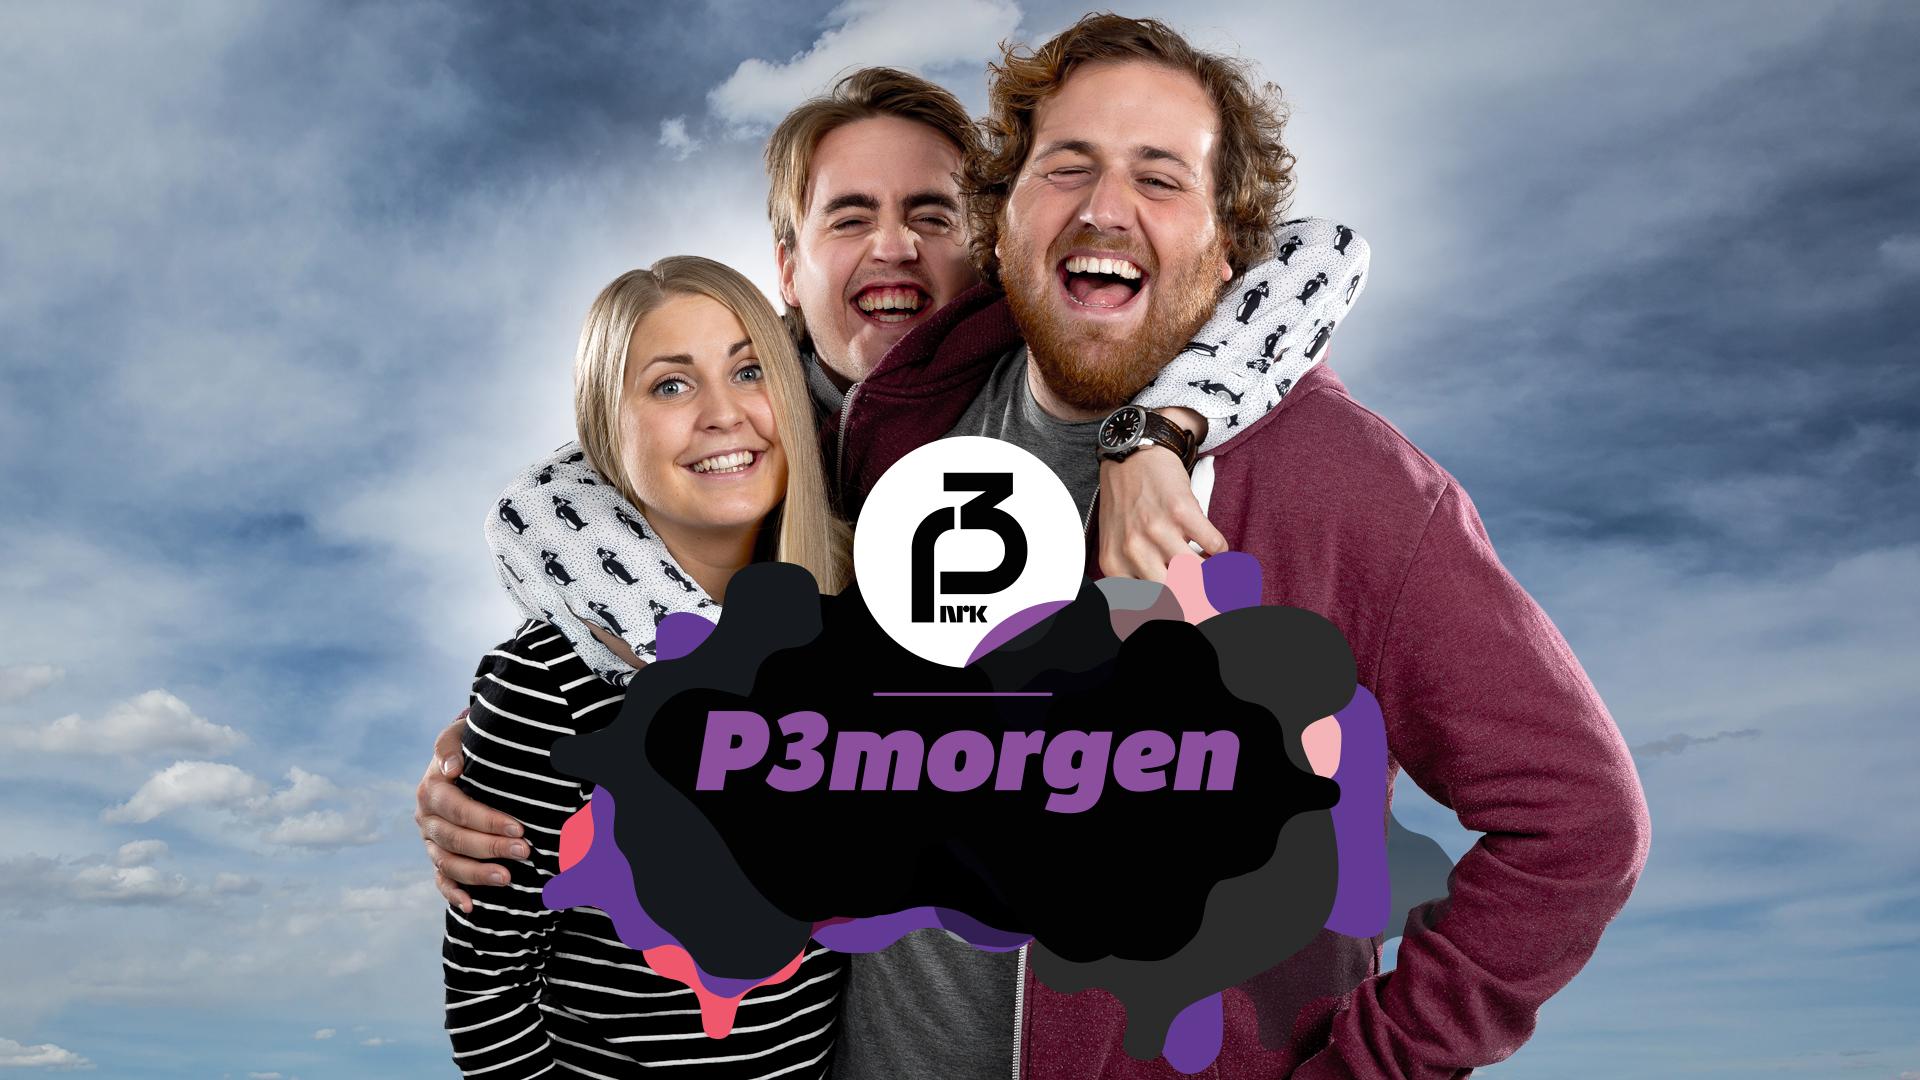 Se P3morgen – på tv